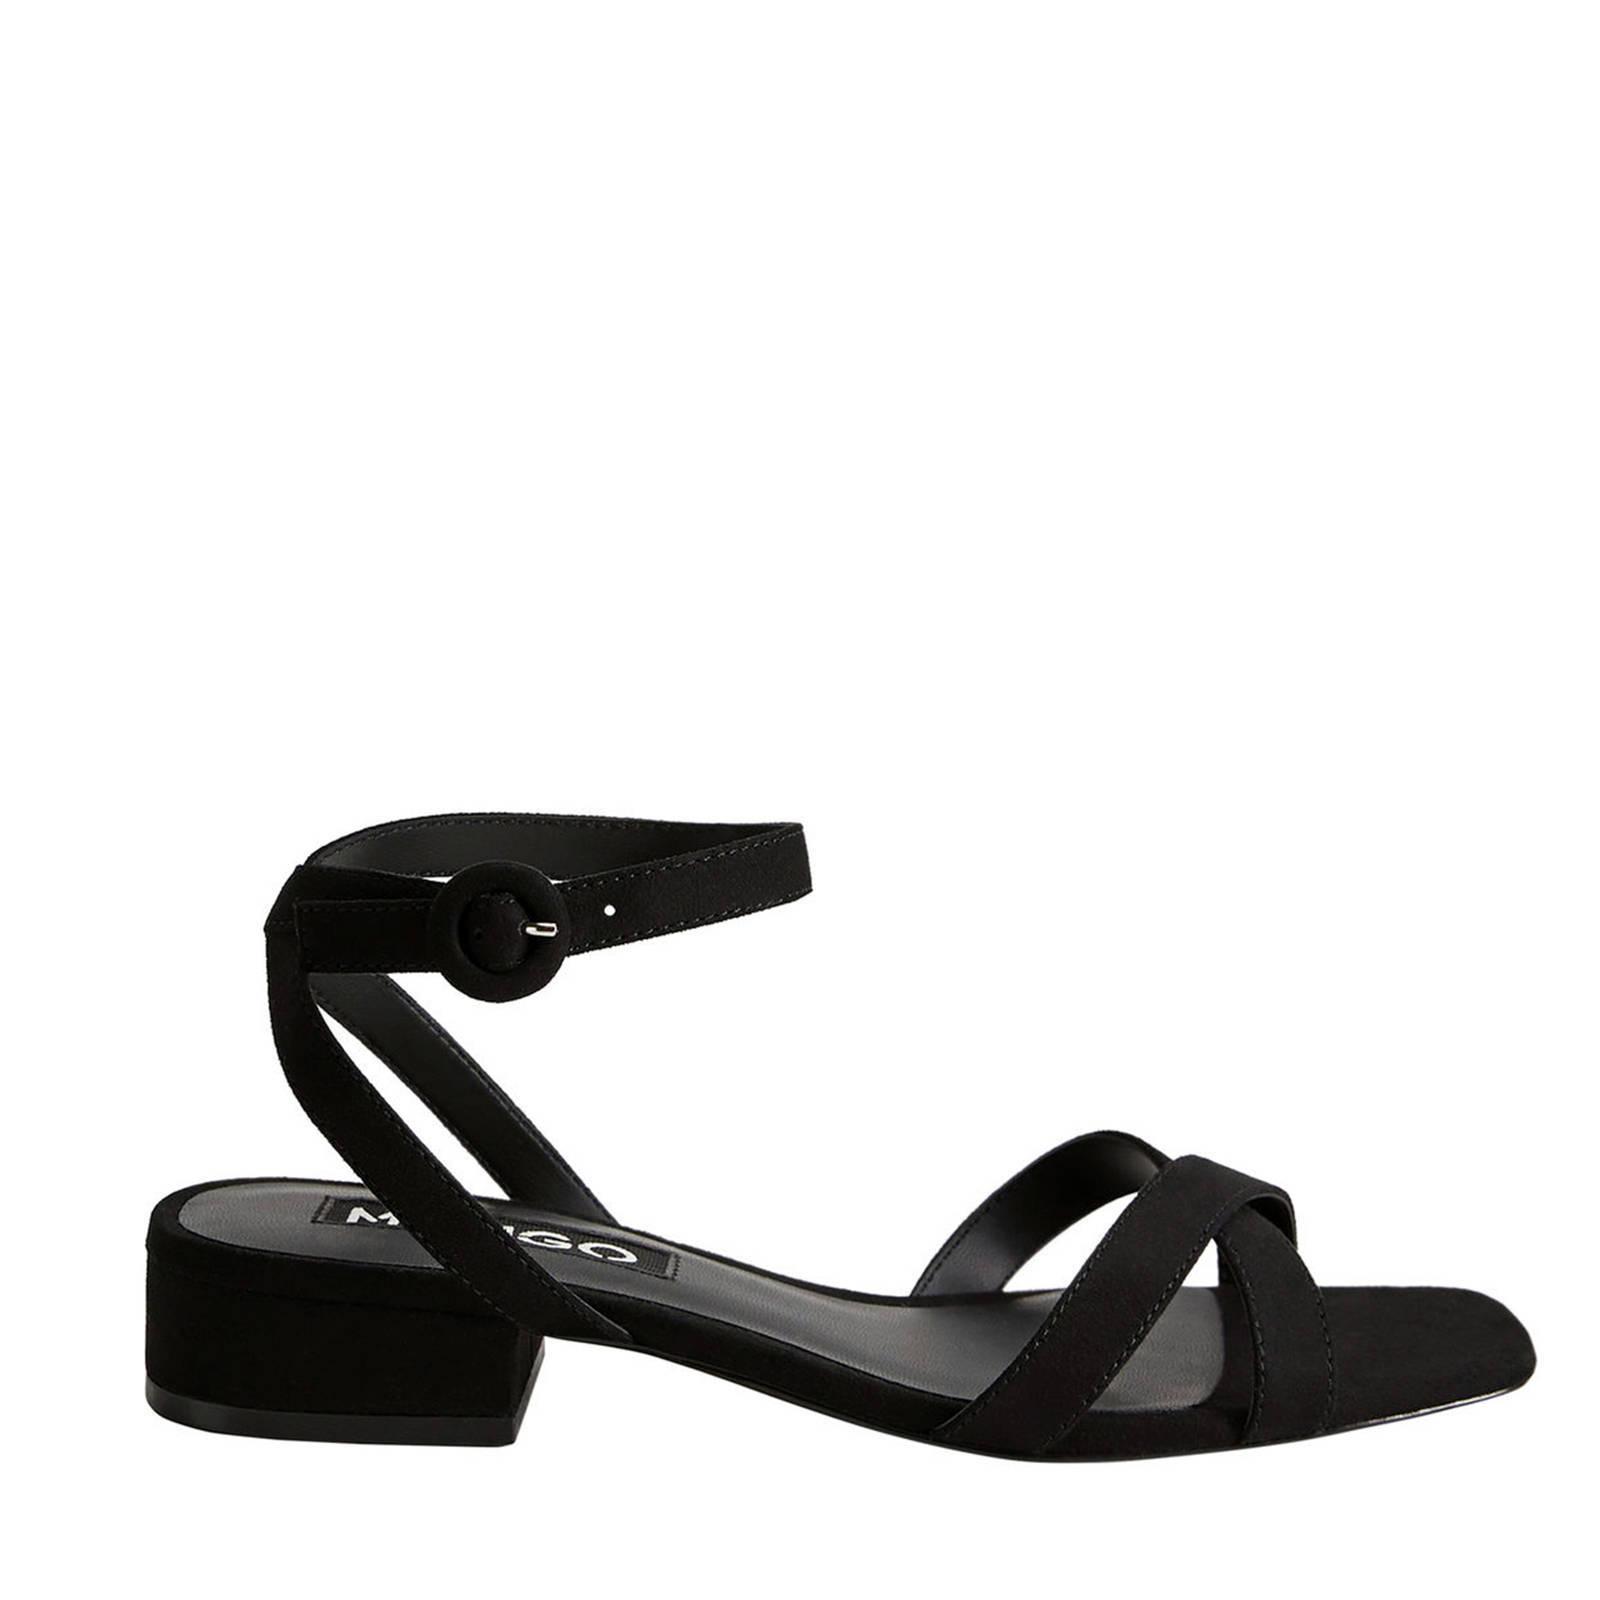 Mango sandalen met enkelband | wehkamp